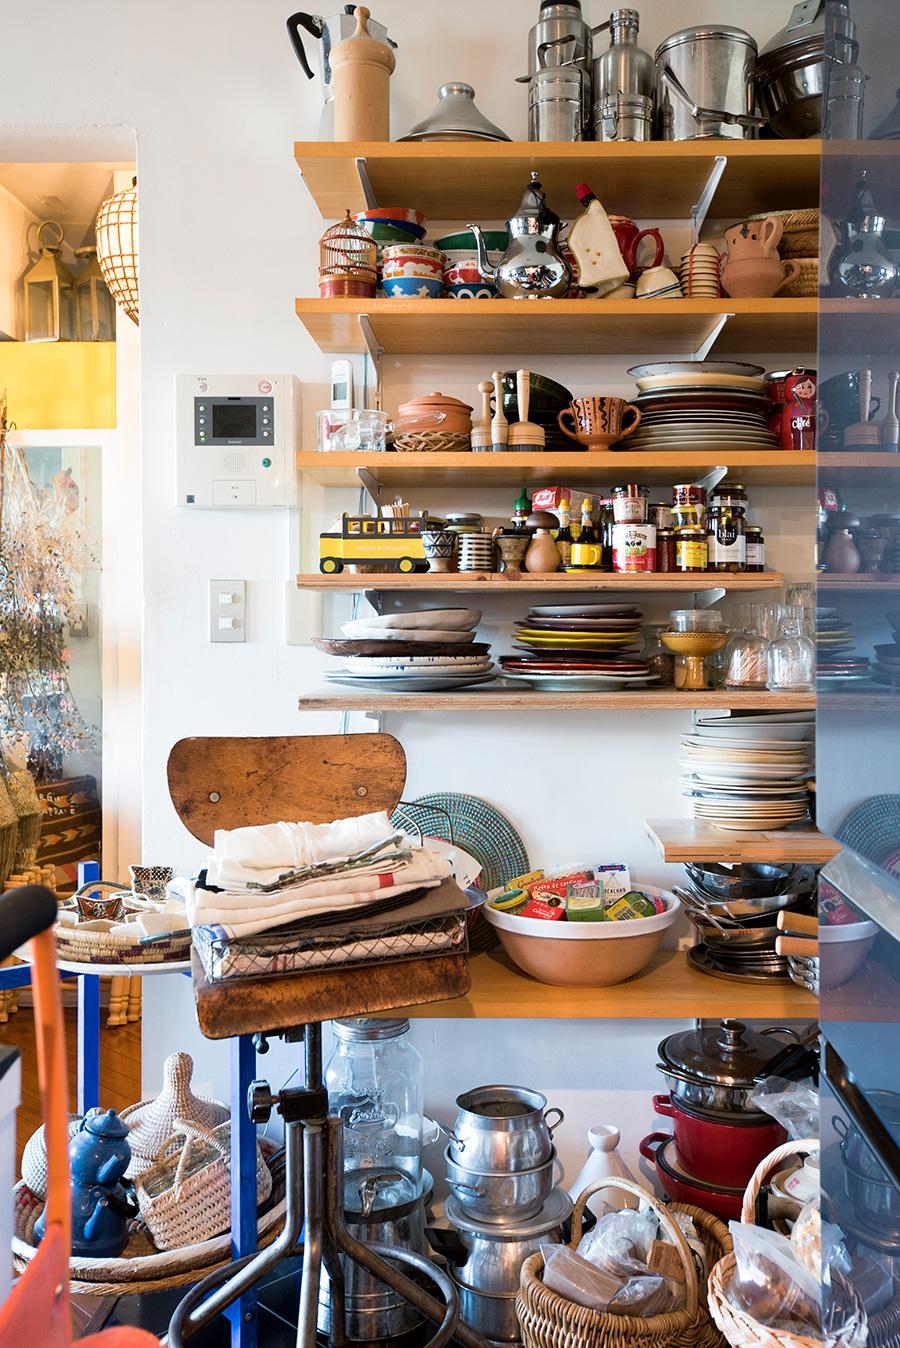 壁に可動式の棚を取り付けて収納に活用。あらゆる国籍のキッチンツールが並ぶ。